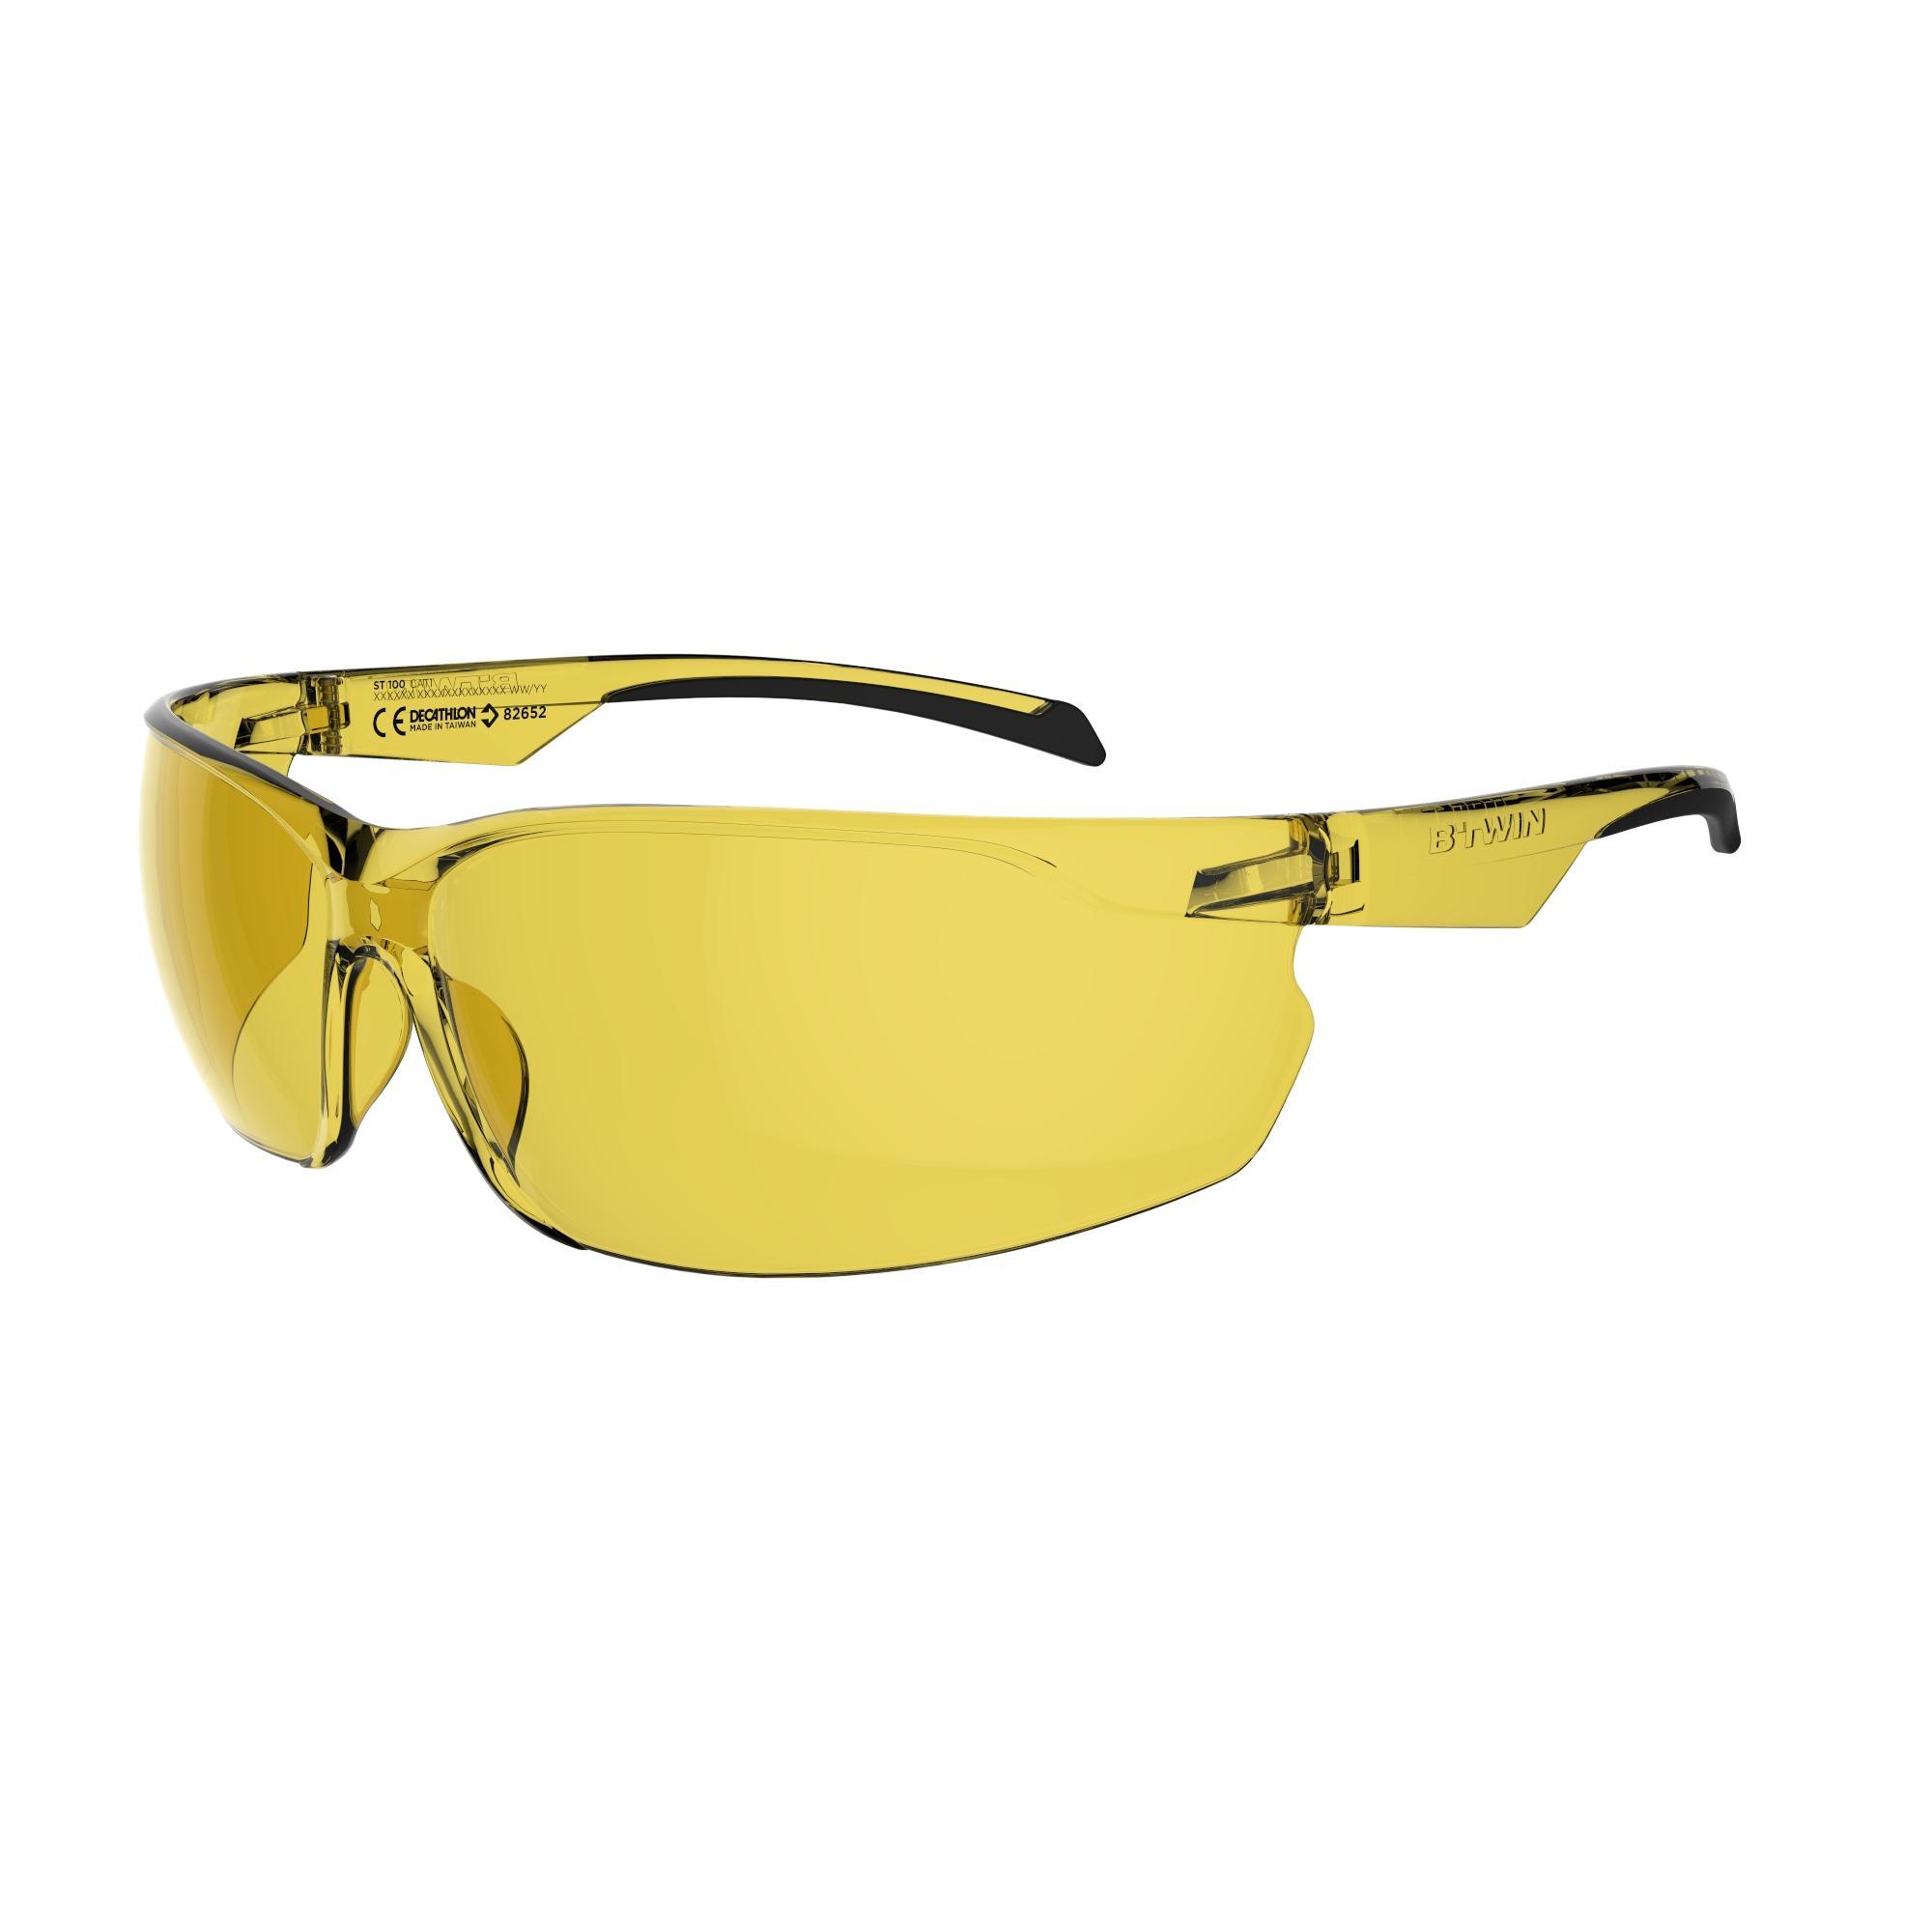 B'twin Fietsbril voor volwassenen Cycling 100 geel categorie 1 thumbnail